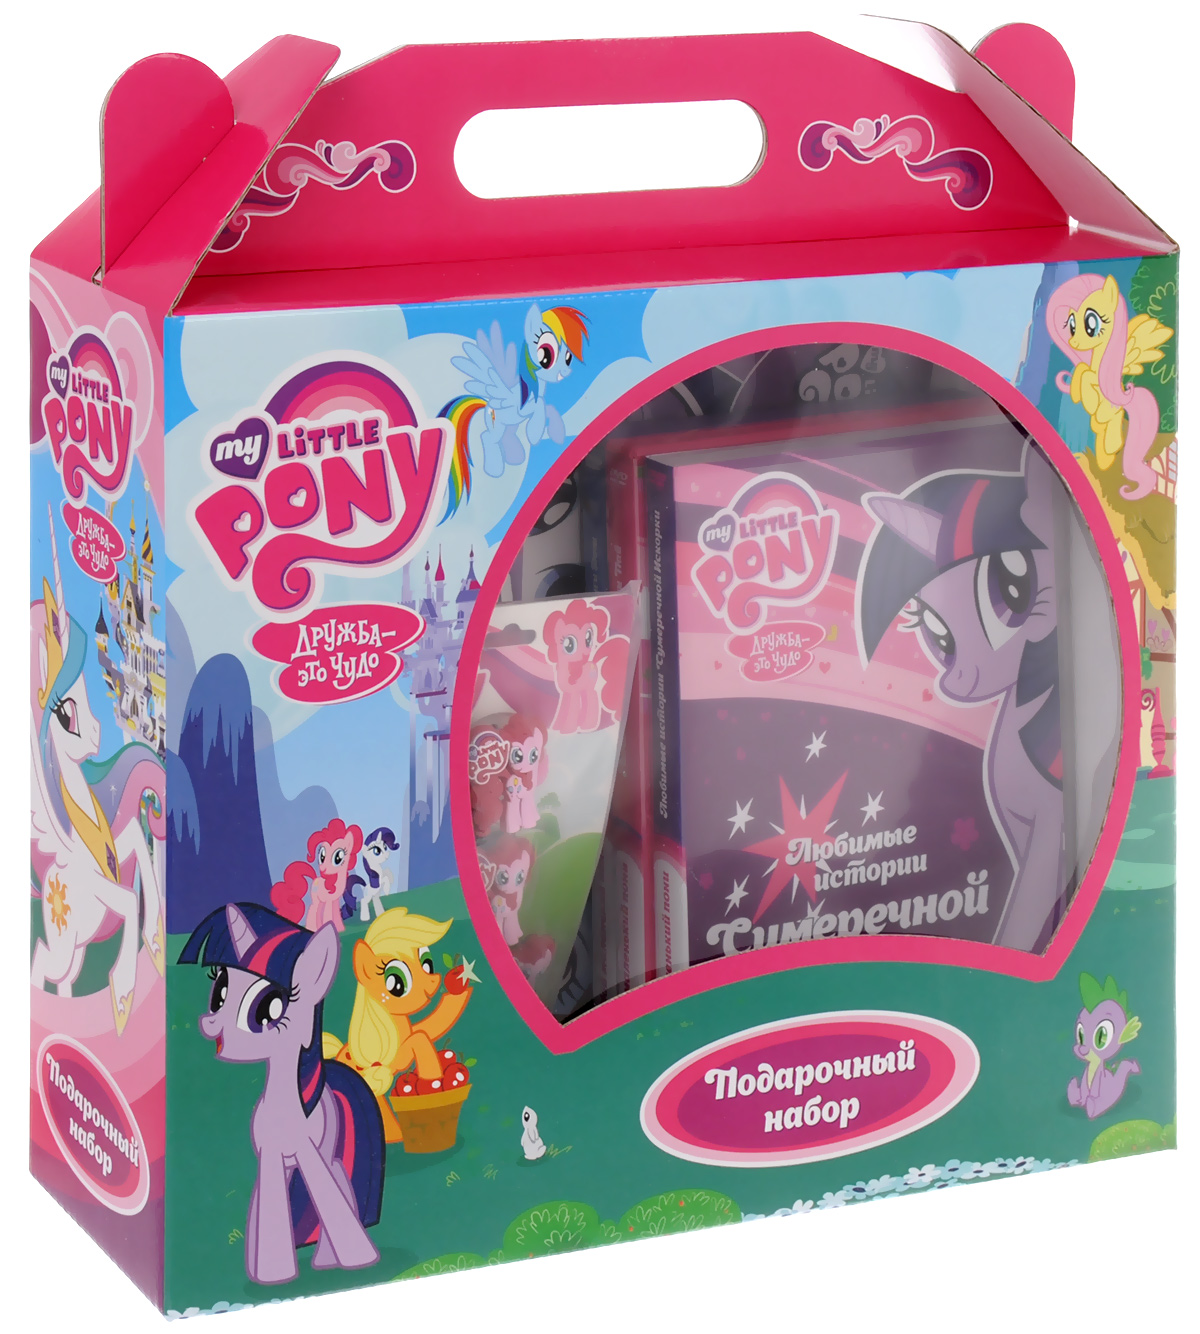 My Little Pony: Подарочный набор (3 DVD + сувениры)